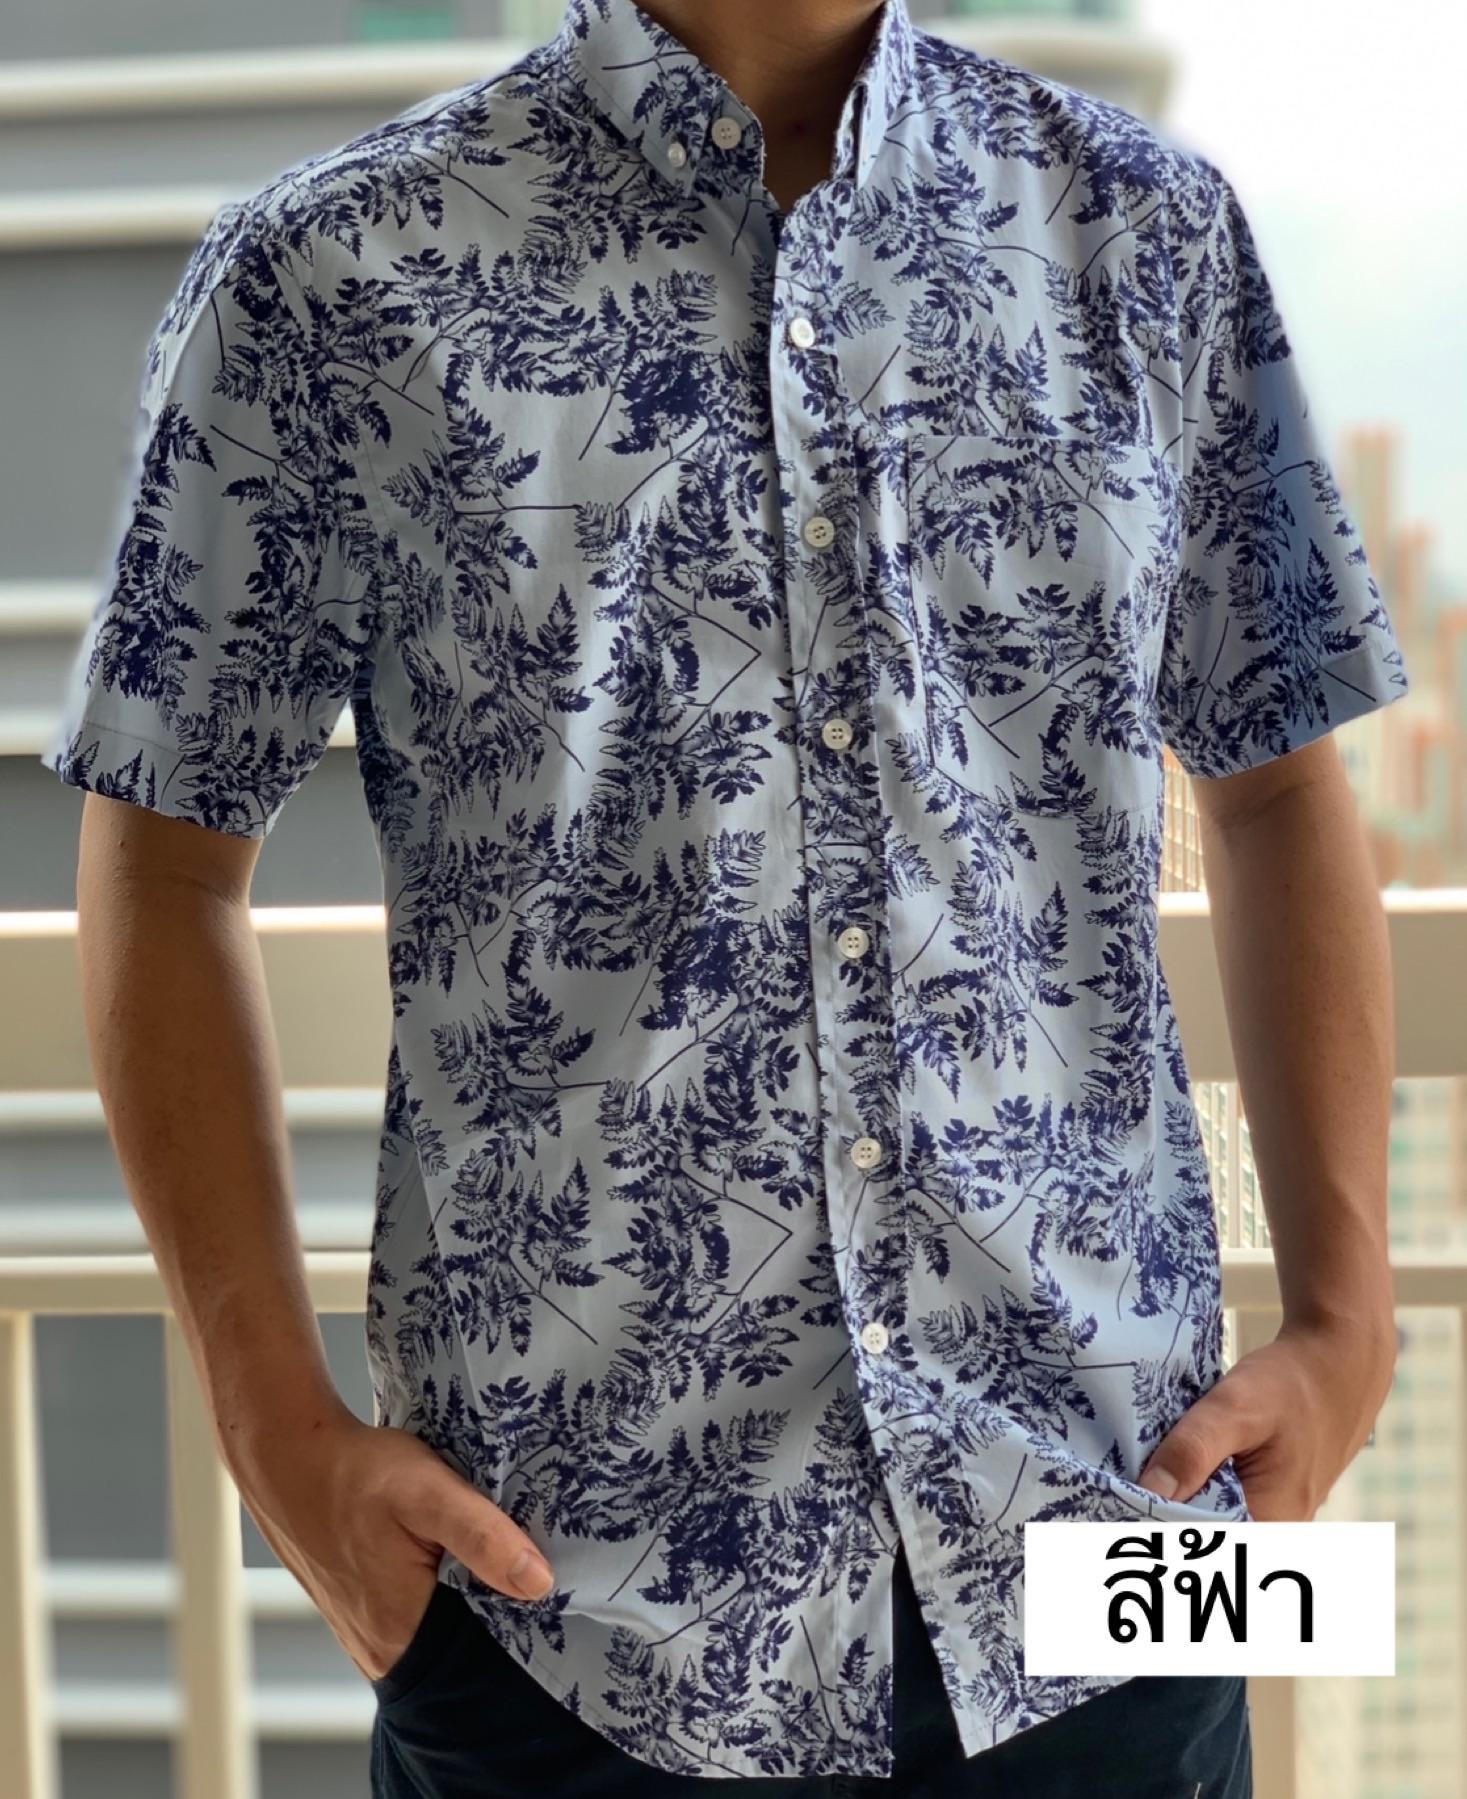 เสื้อเชิ้ตผู้ชาย 2020 แขนสั้น เสื้อคอปกแขนสั้น พิมพ์ลาย ไซส์พิเศษ ไซส์ใหญ่ ถึง ุ60 นิ้วผ้าดี.